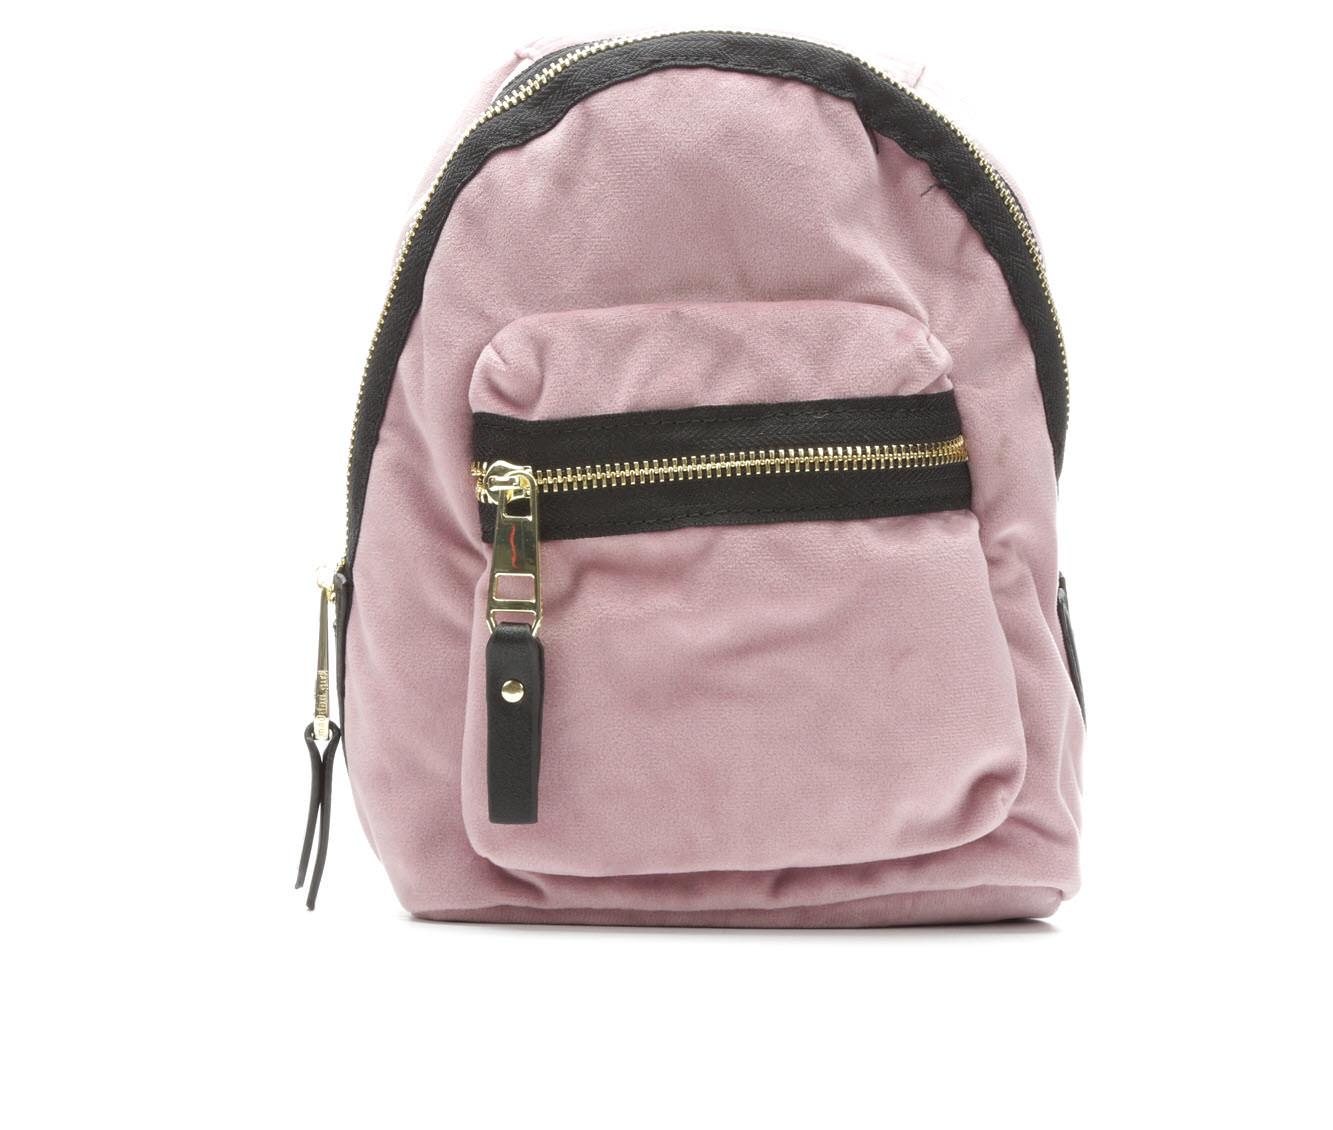 Madden Girl Handbags Blink Backpack (Pink)